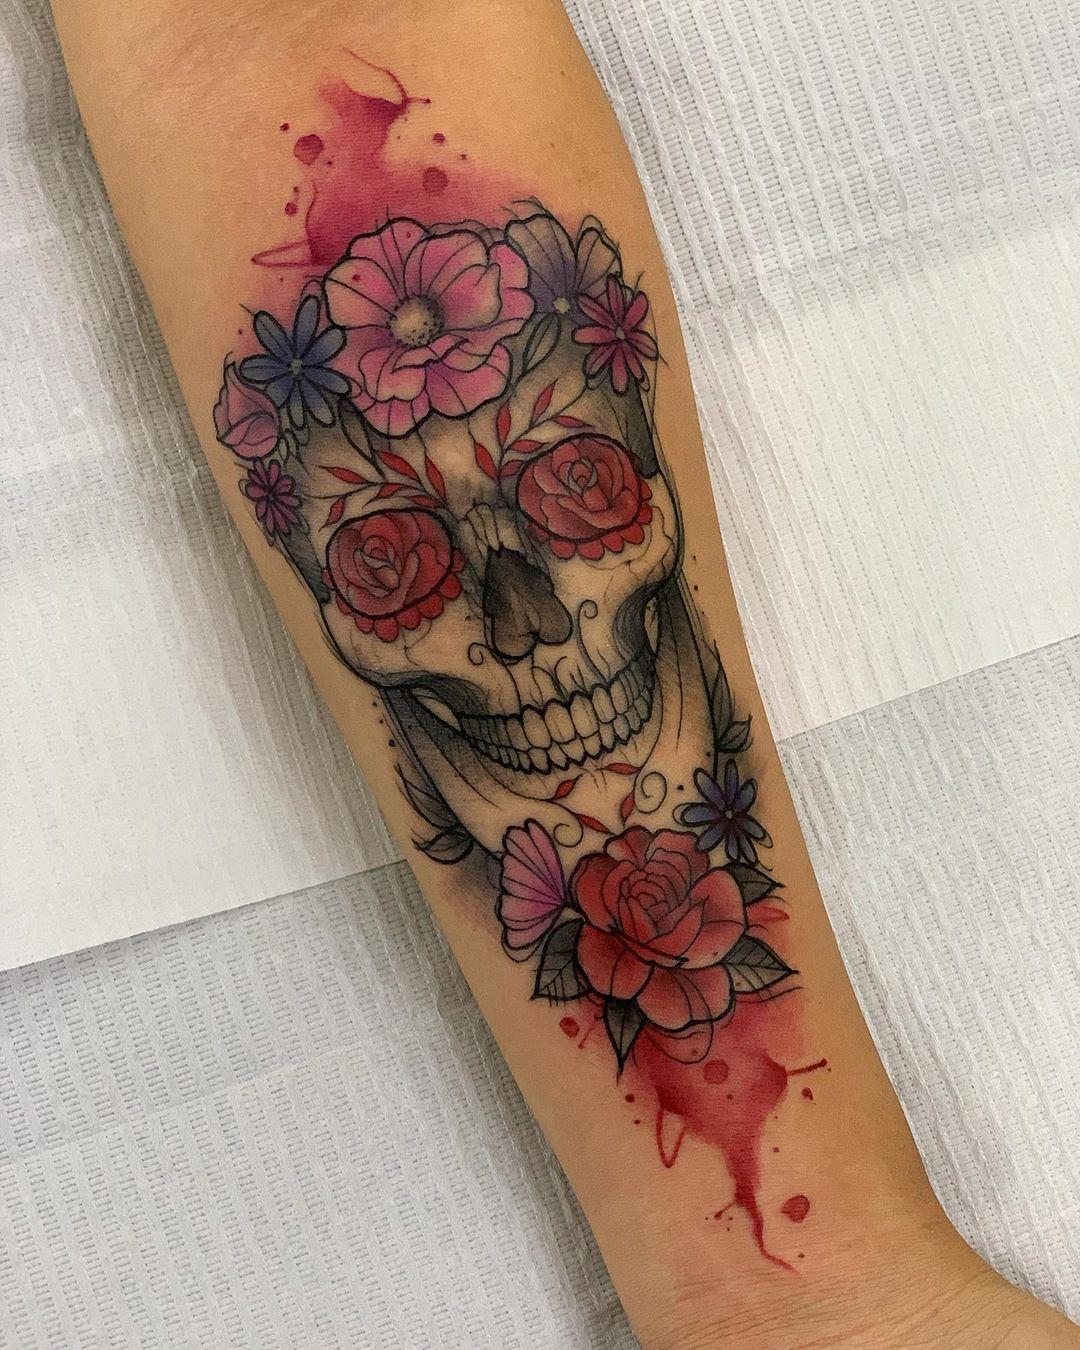 Tattoo Da Renata.Taianaa Muito Obrigado Tattoos - Tattoos